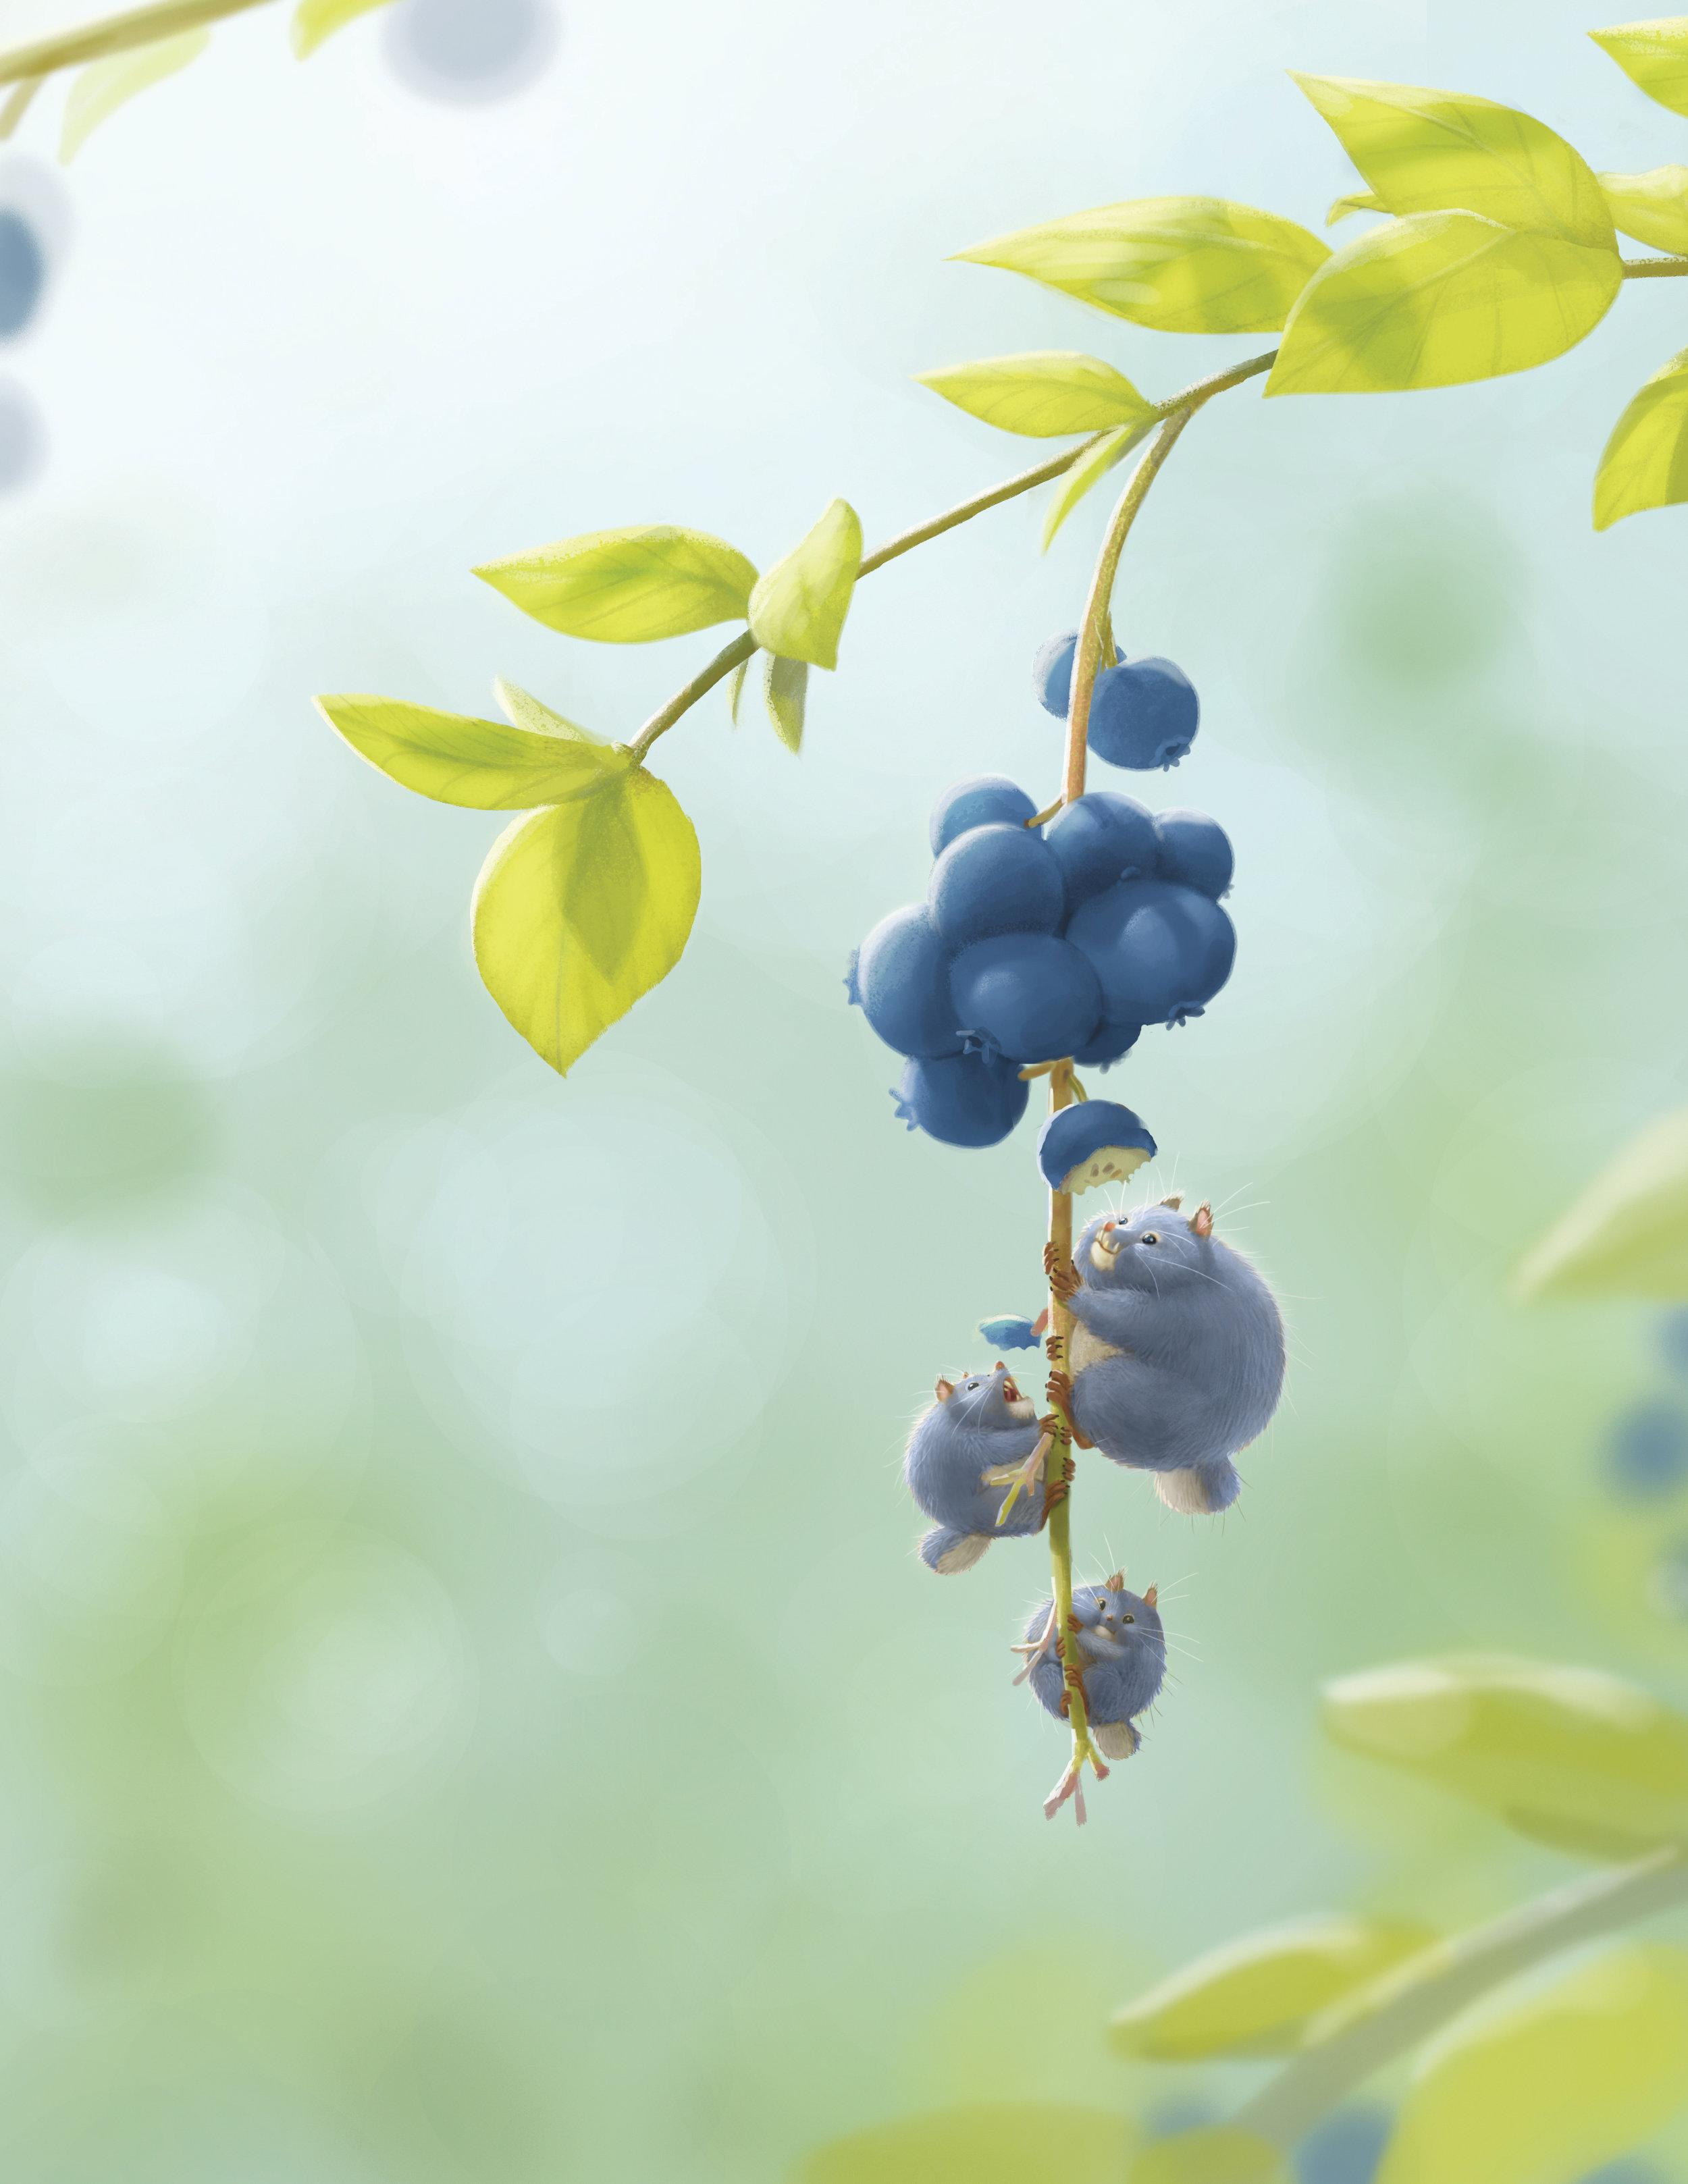 blueberry dinner-BKF.jpg